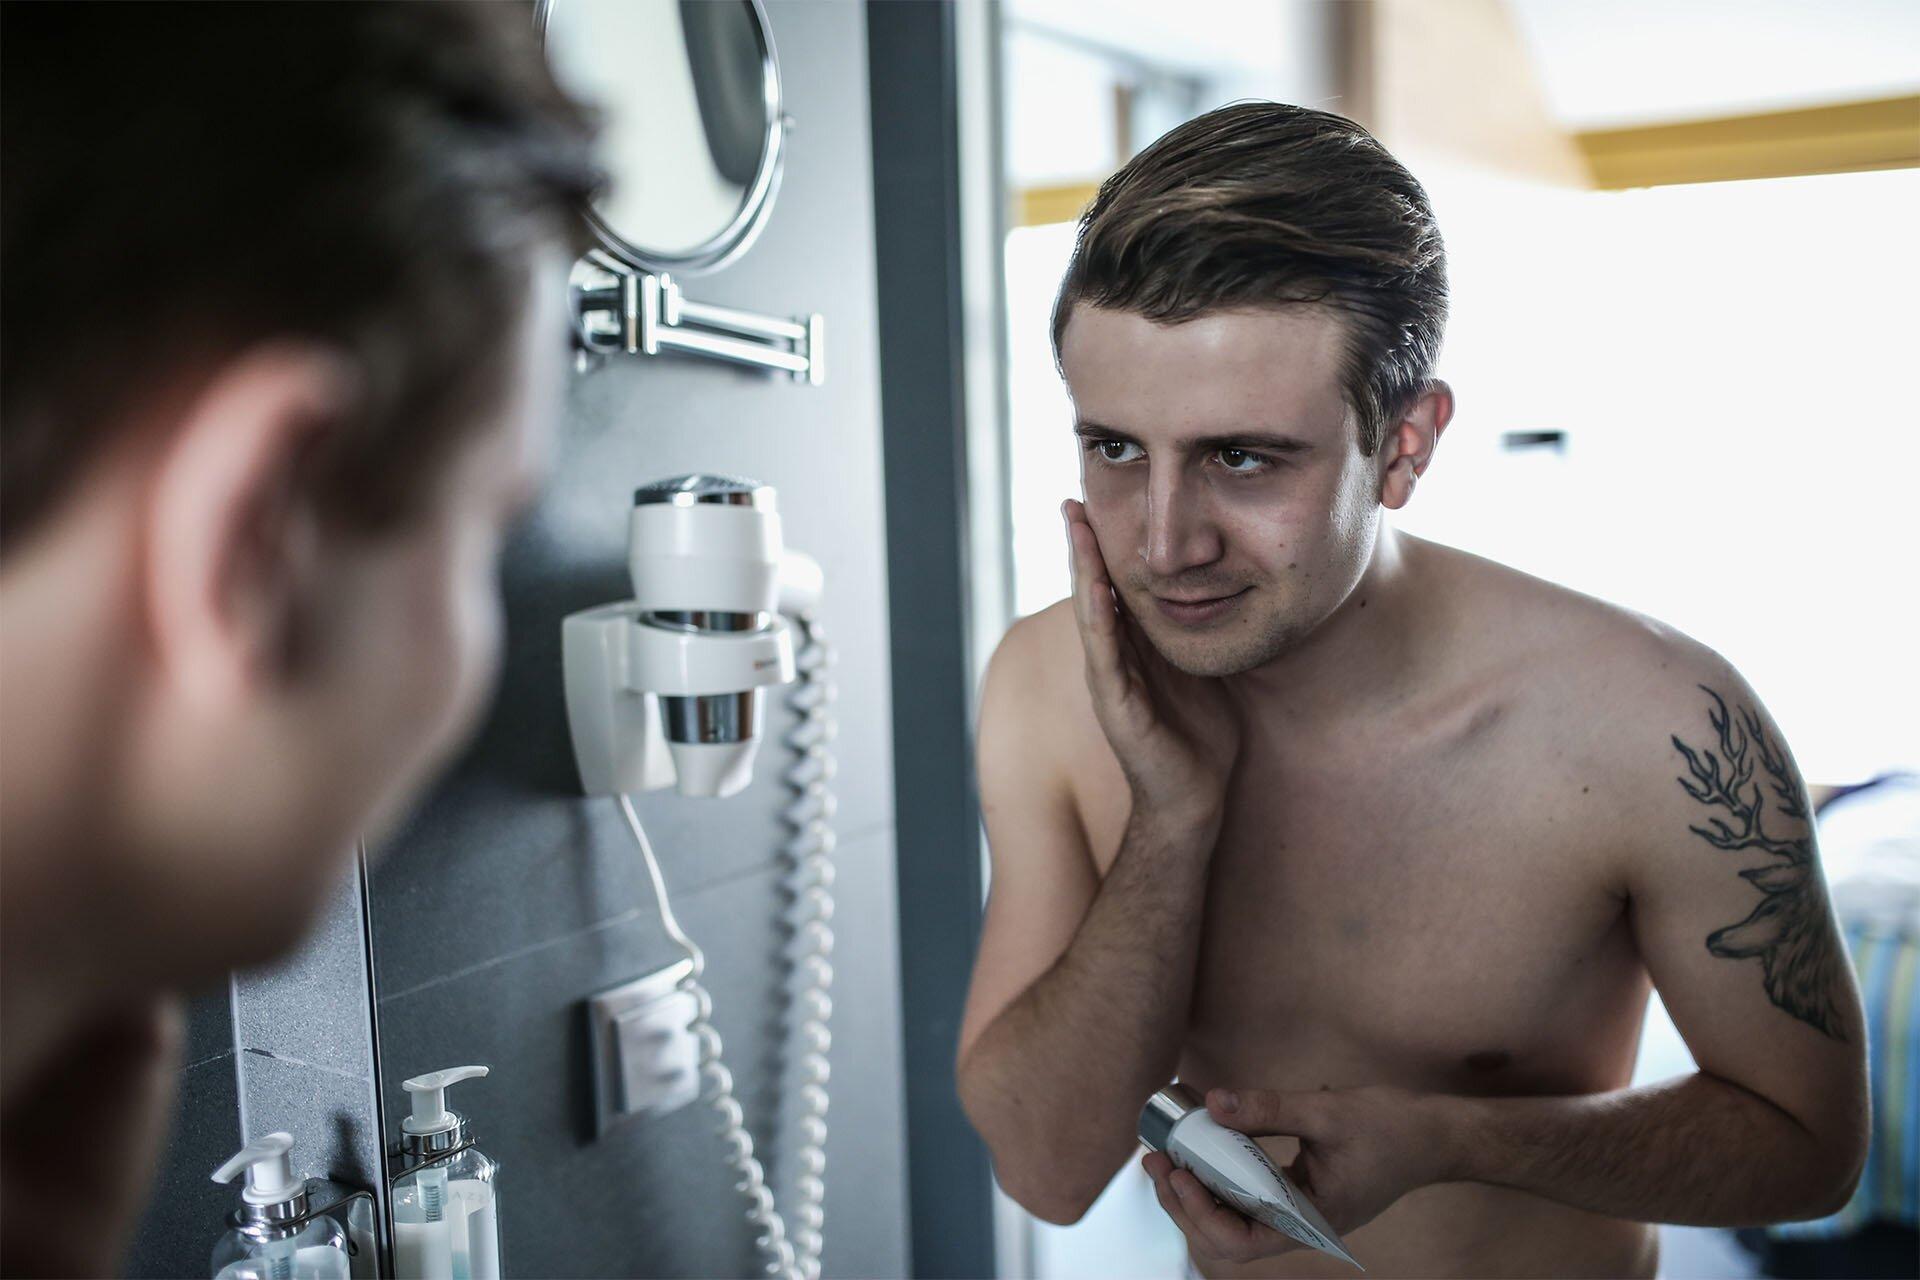 Twarz mężczyzny, Jak dbać o twarz mężczyzny, Eisenberg, Męskie kosmetyki, GMALE blog dla mężczyzn, Moda męska i męski lifestyle, Mężczyzna przy lustrze